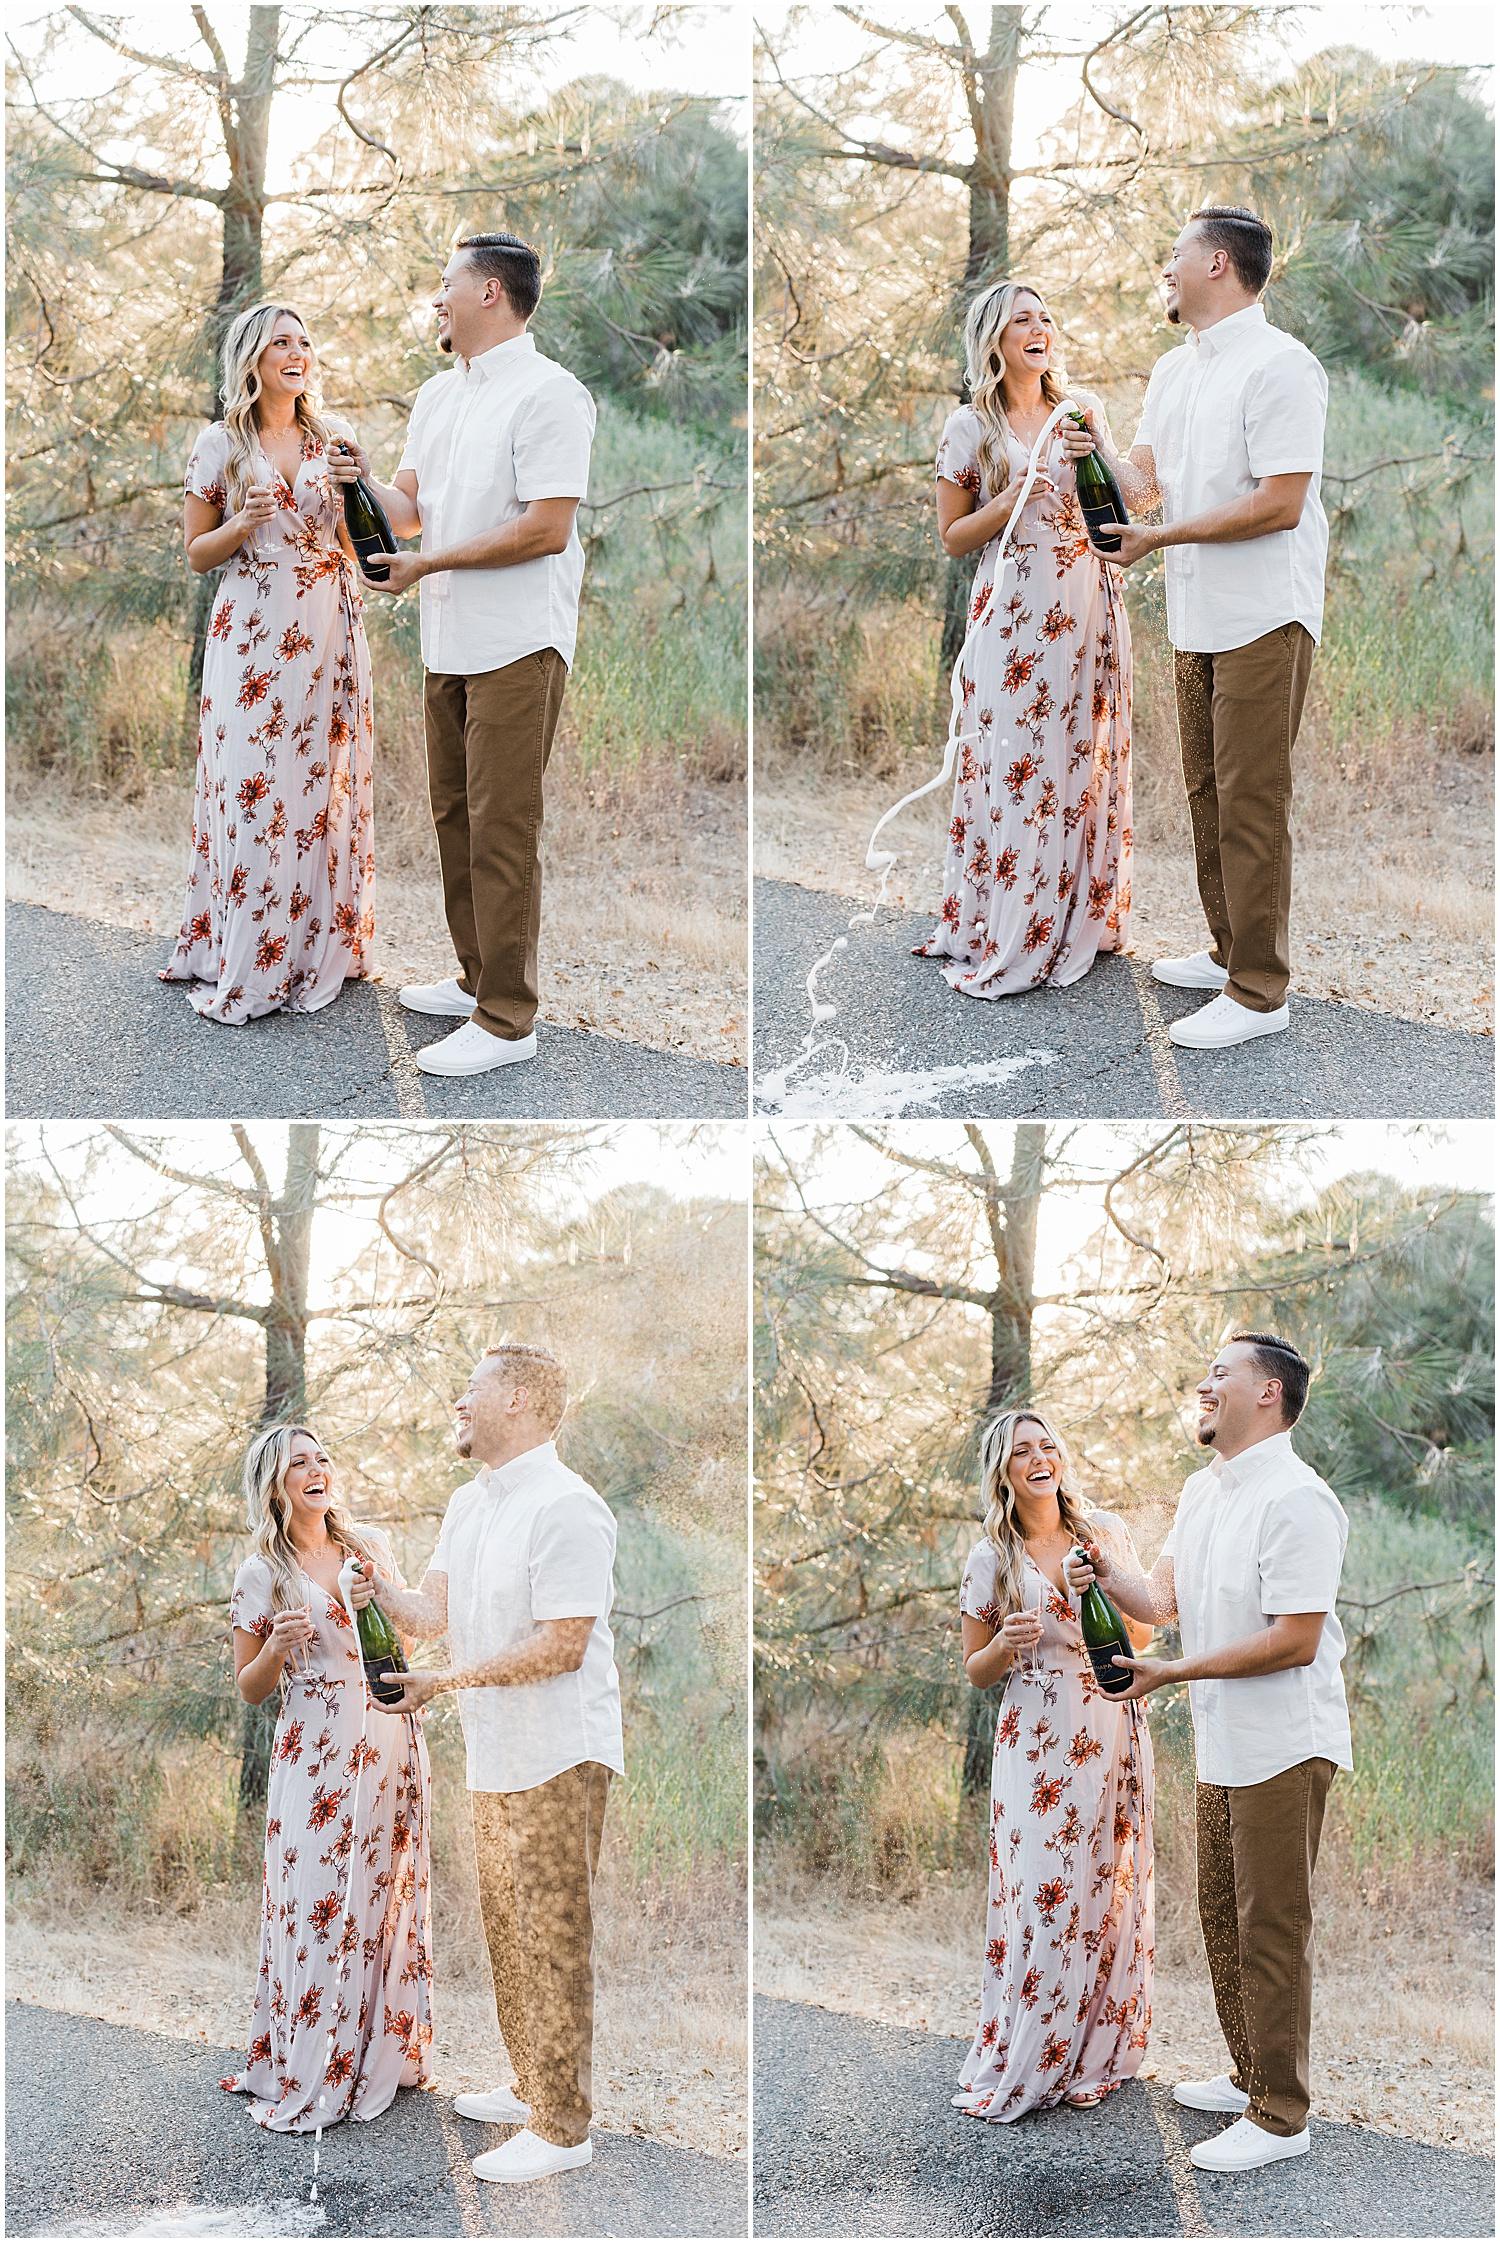 engagementphotos_folsomlake_californiaengagement_sacramentophotographer_062819_NICOLEQUIROZ_09.jpg